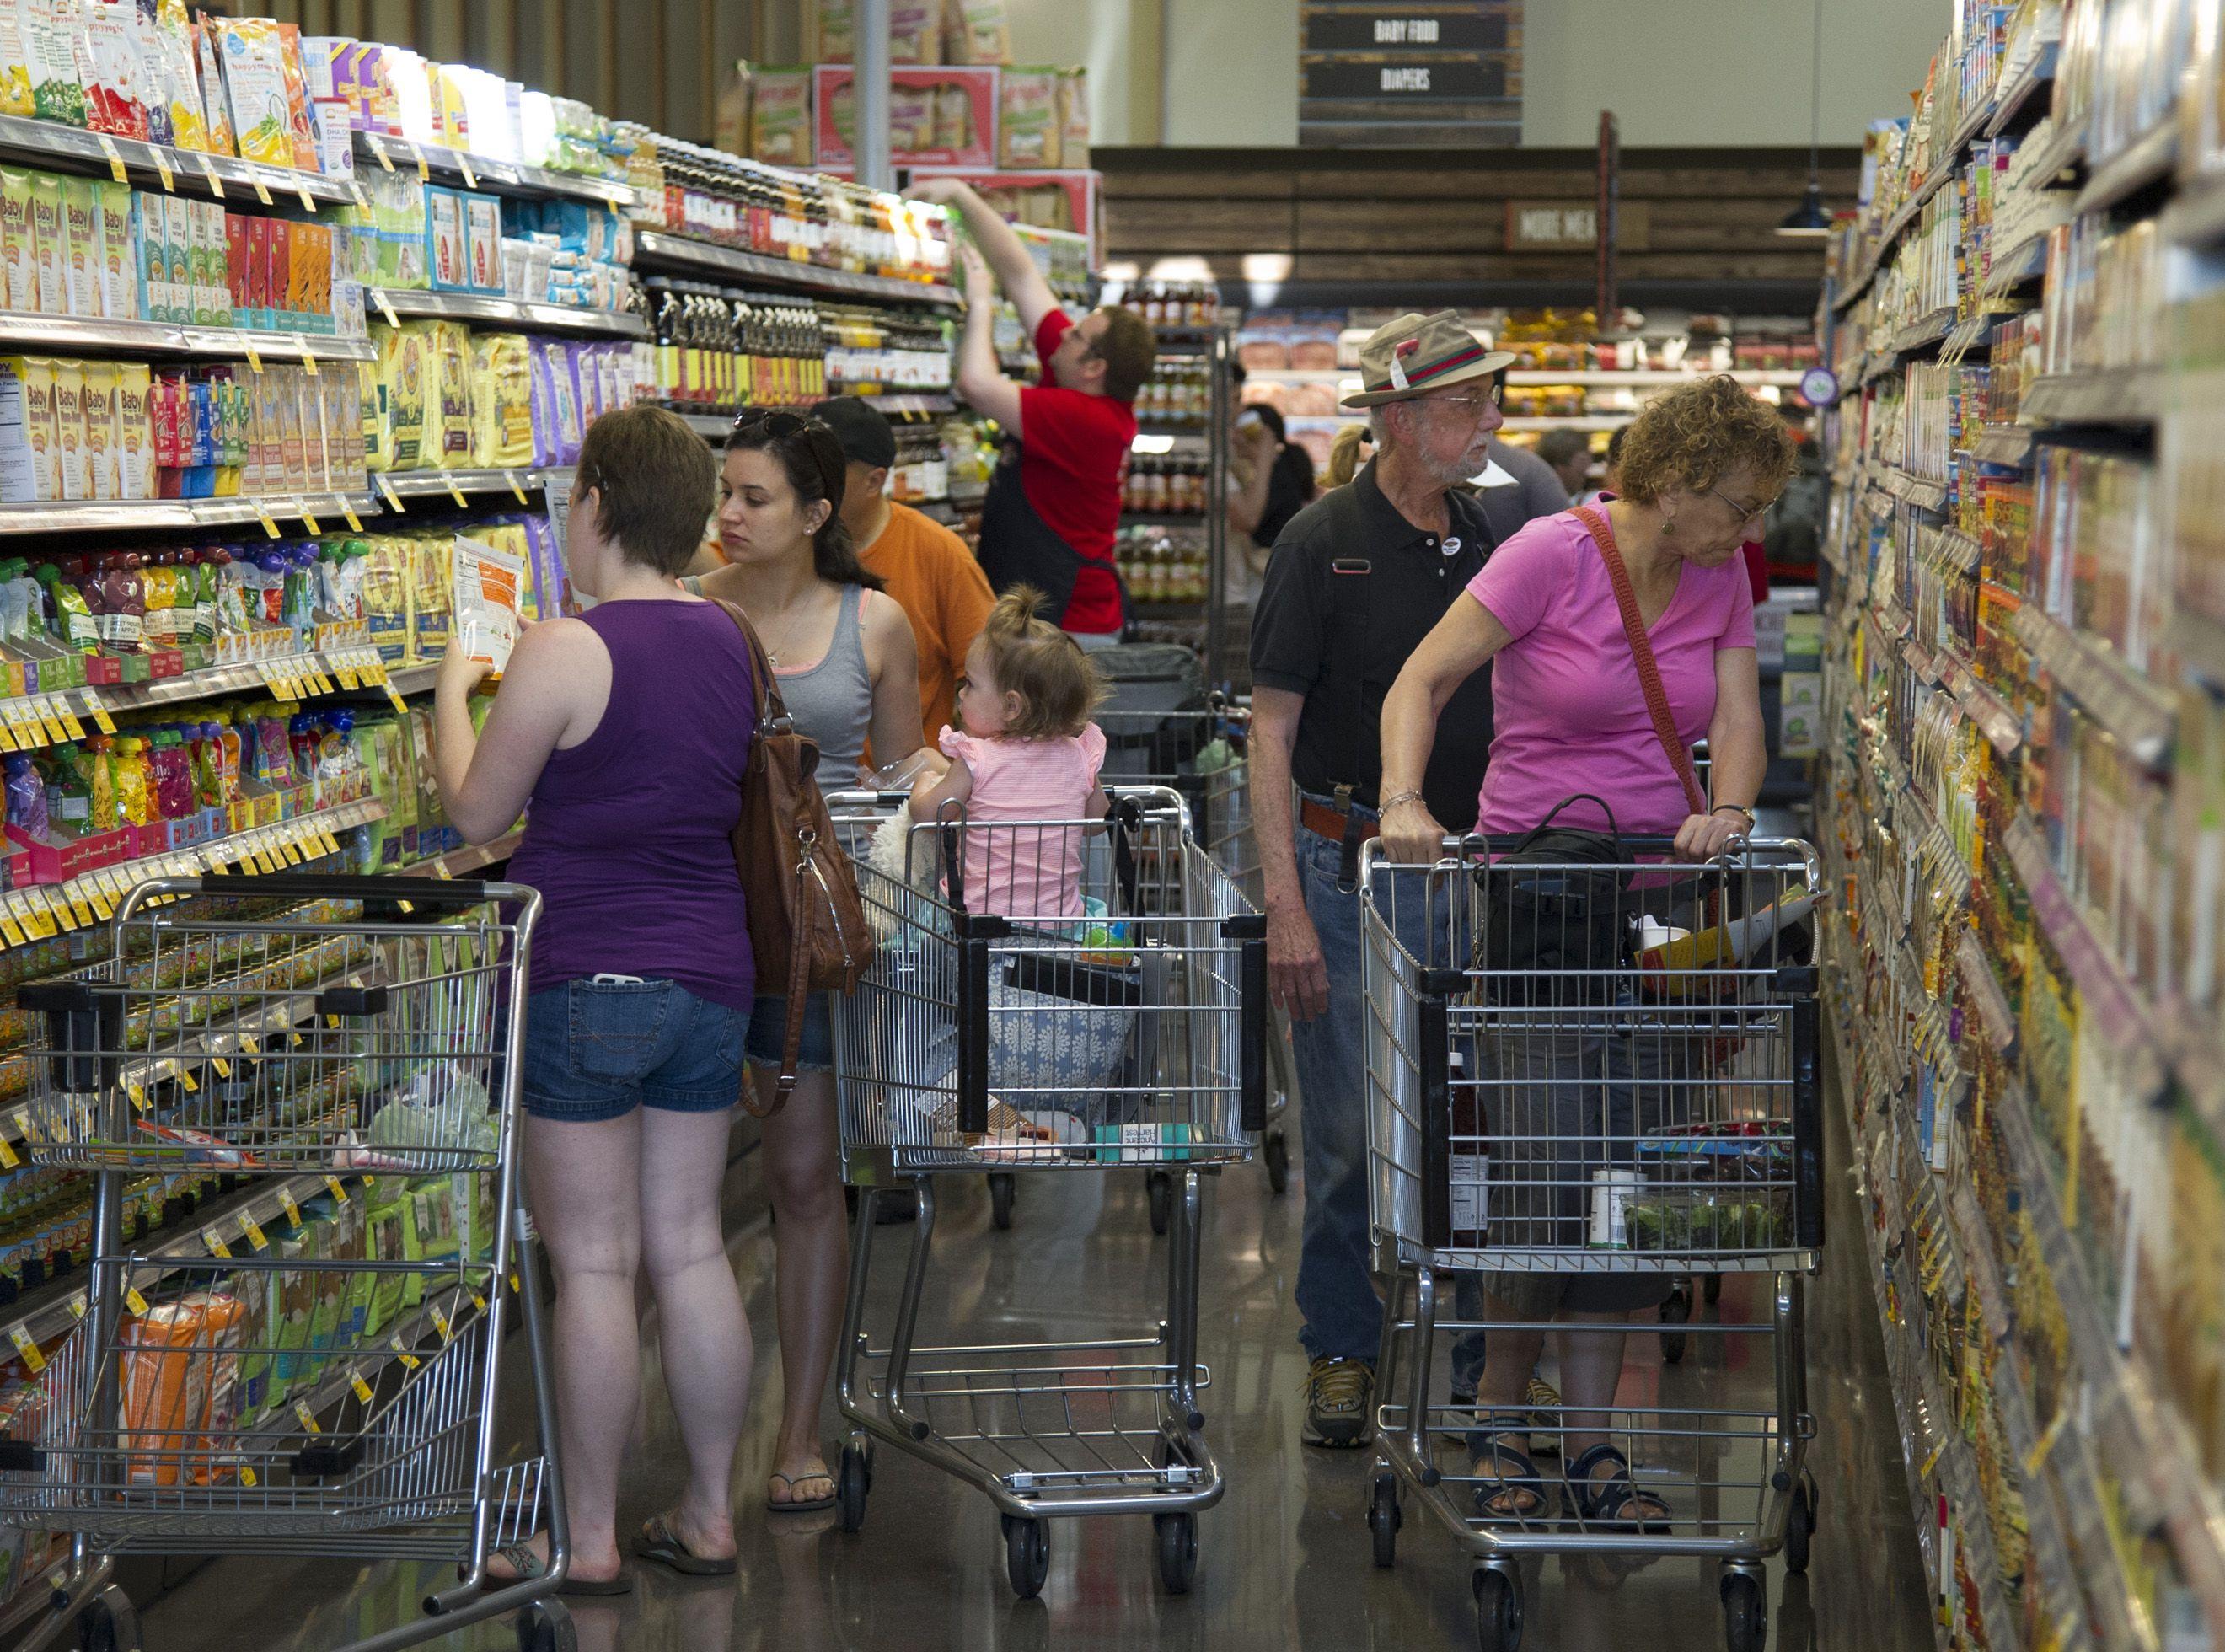 INDEC: La inflación de marzo fue de 2,3% y acumula 6,7% en sólo tres meses